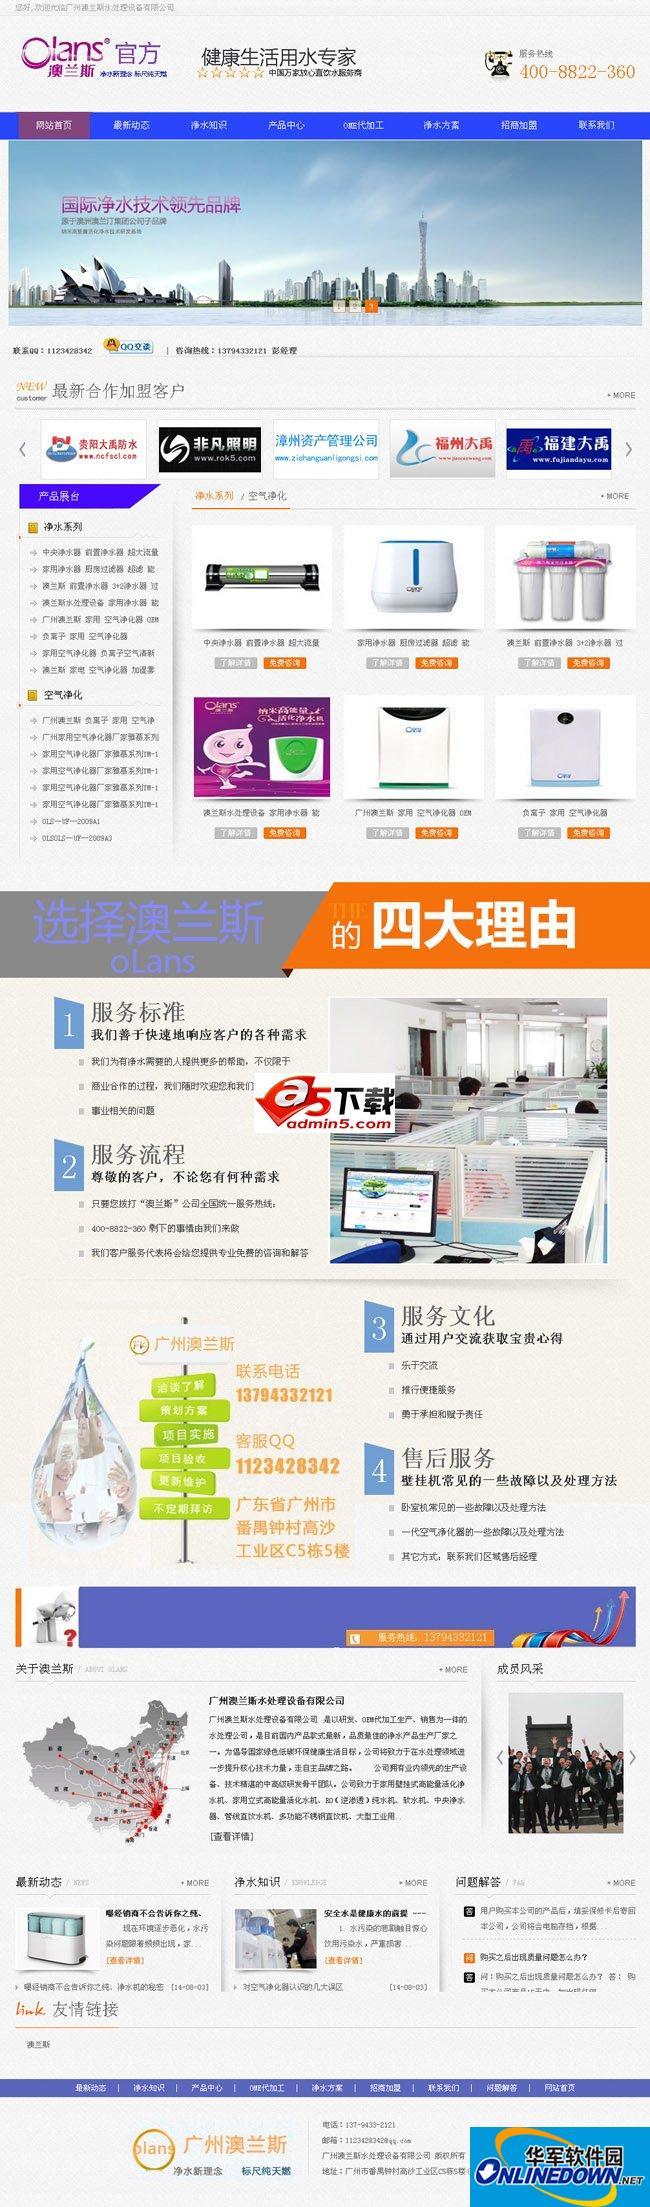 高端大气的企业网站 3